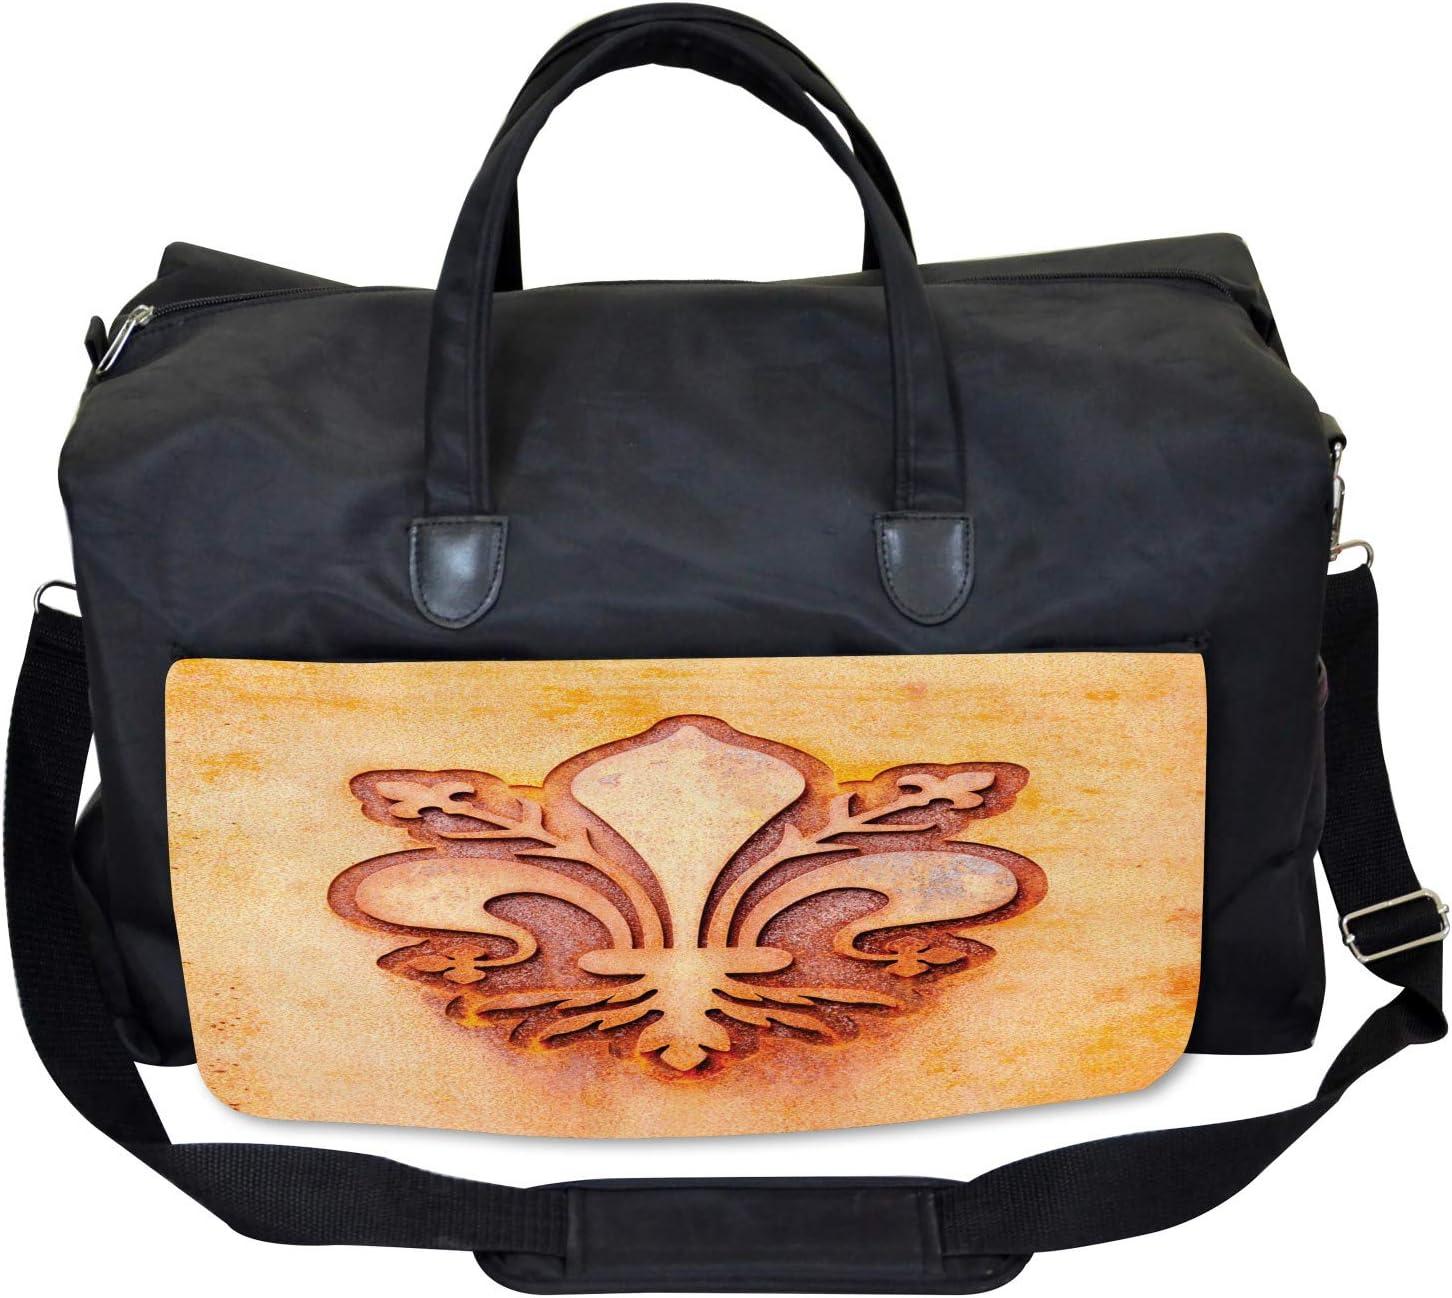 Floral Royal France Large Weekender Carry-on Ambesonne Orange Gym Bag